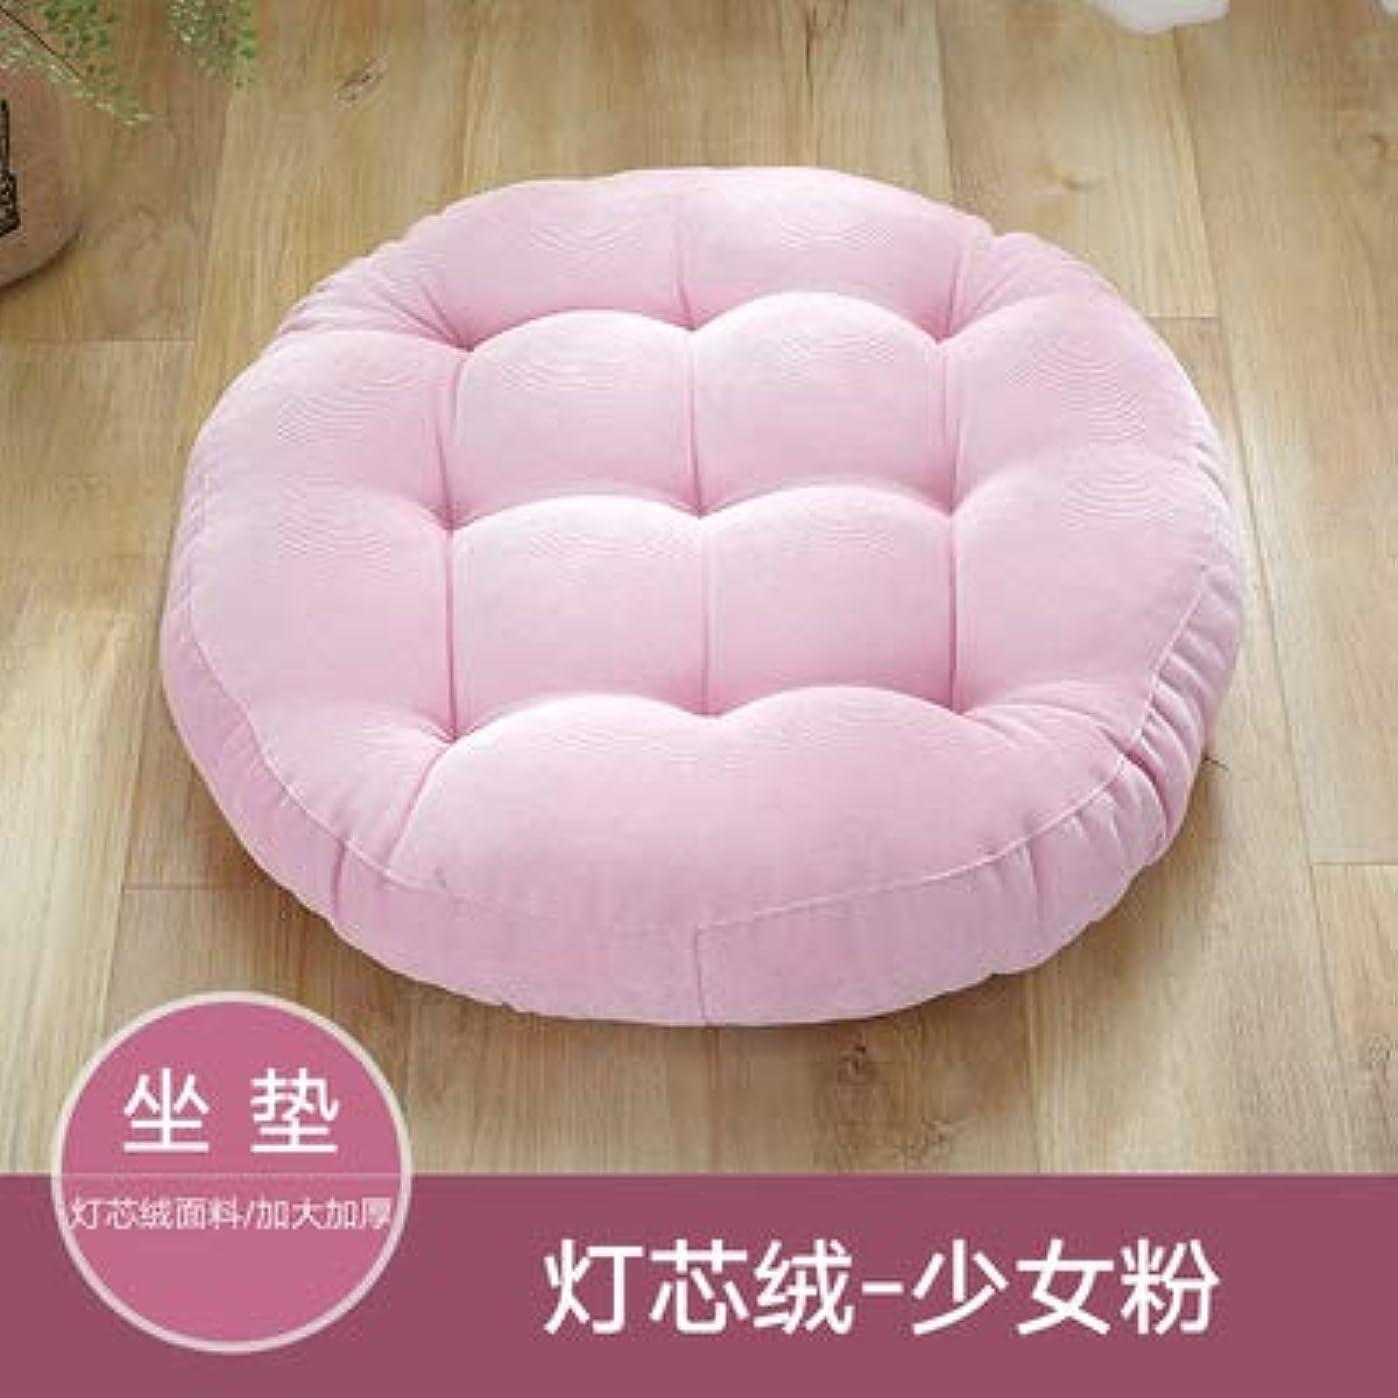 適度にハンマー誘惑LIFE ラウンド厚い椅子のクッションフロアマットレスシートパッドソフトホームオフィスチェアクッションマットソフトスロー枕最高品質の床クッション クッション 椅子